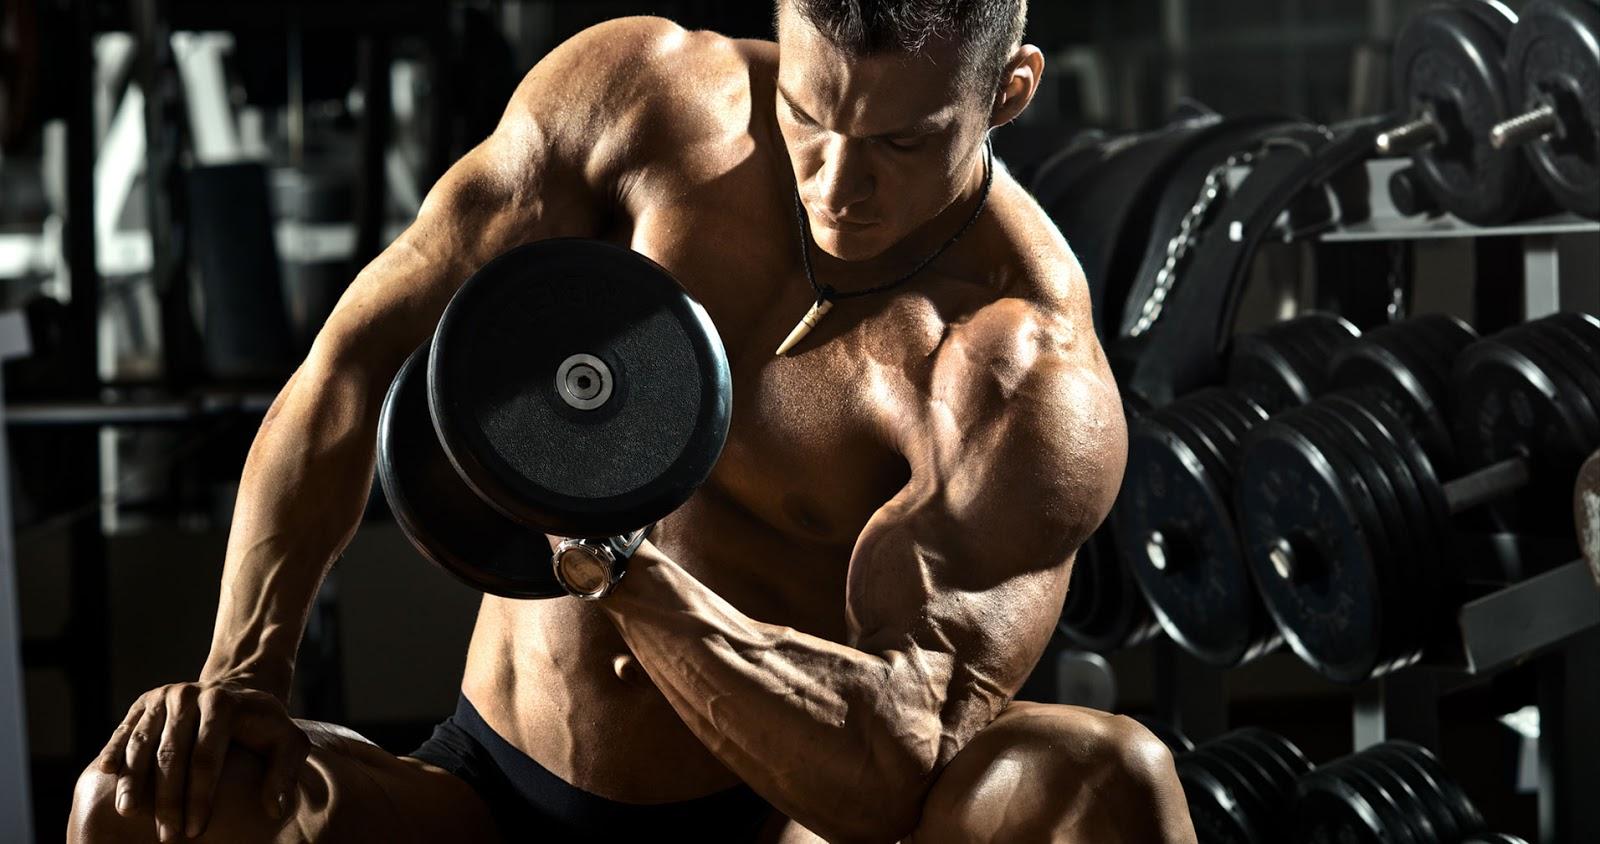 biceps-con-mancuerna-entrenamiento